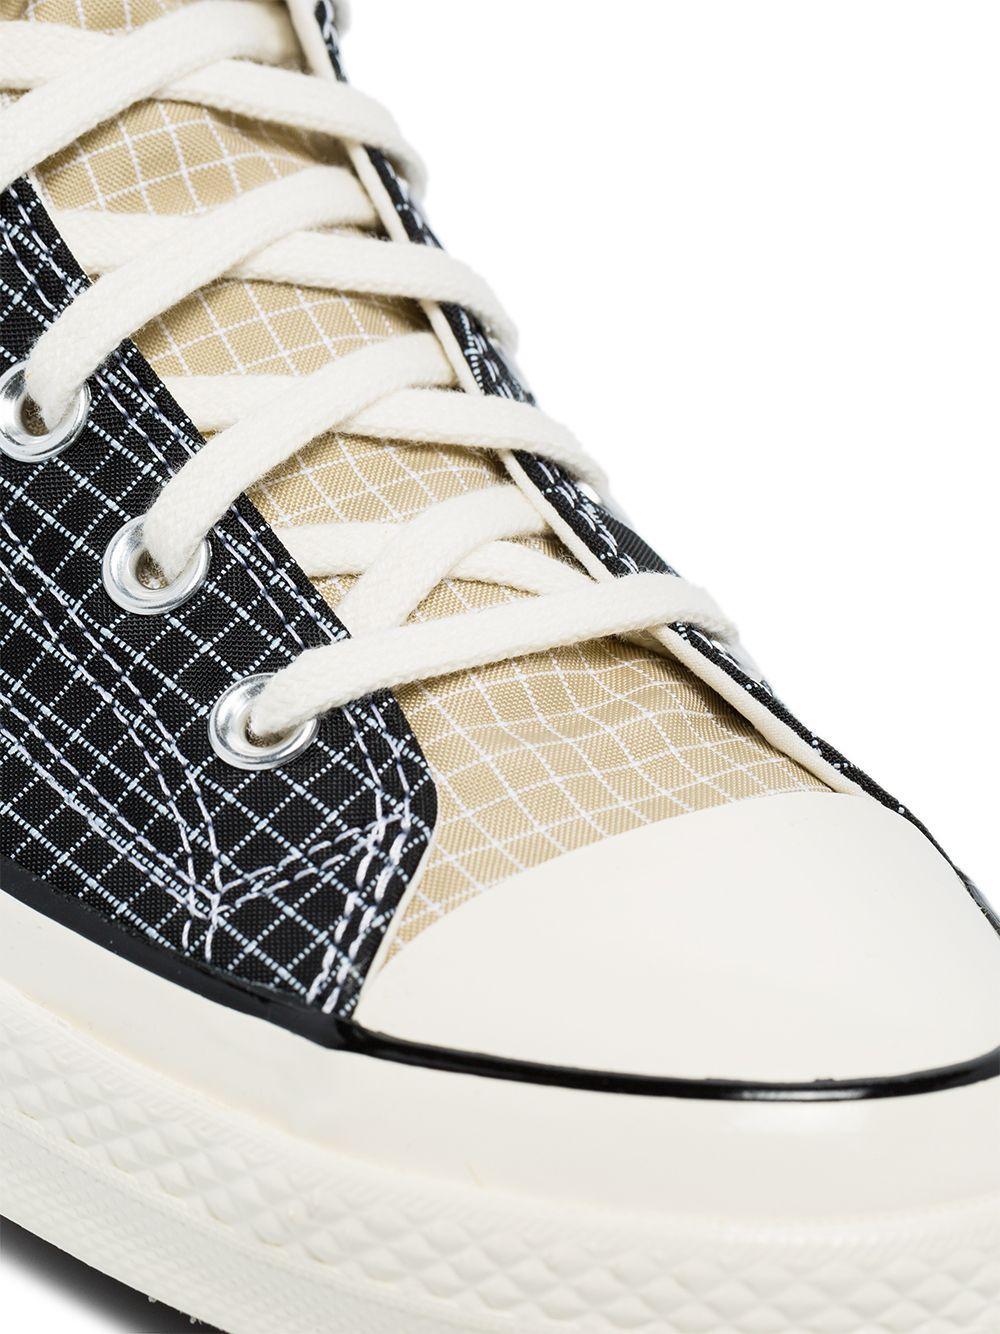 Converse Synthetisch Quad Ripstop High-top Sneakers in het Zwart voor heren